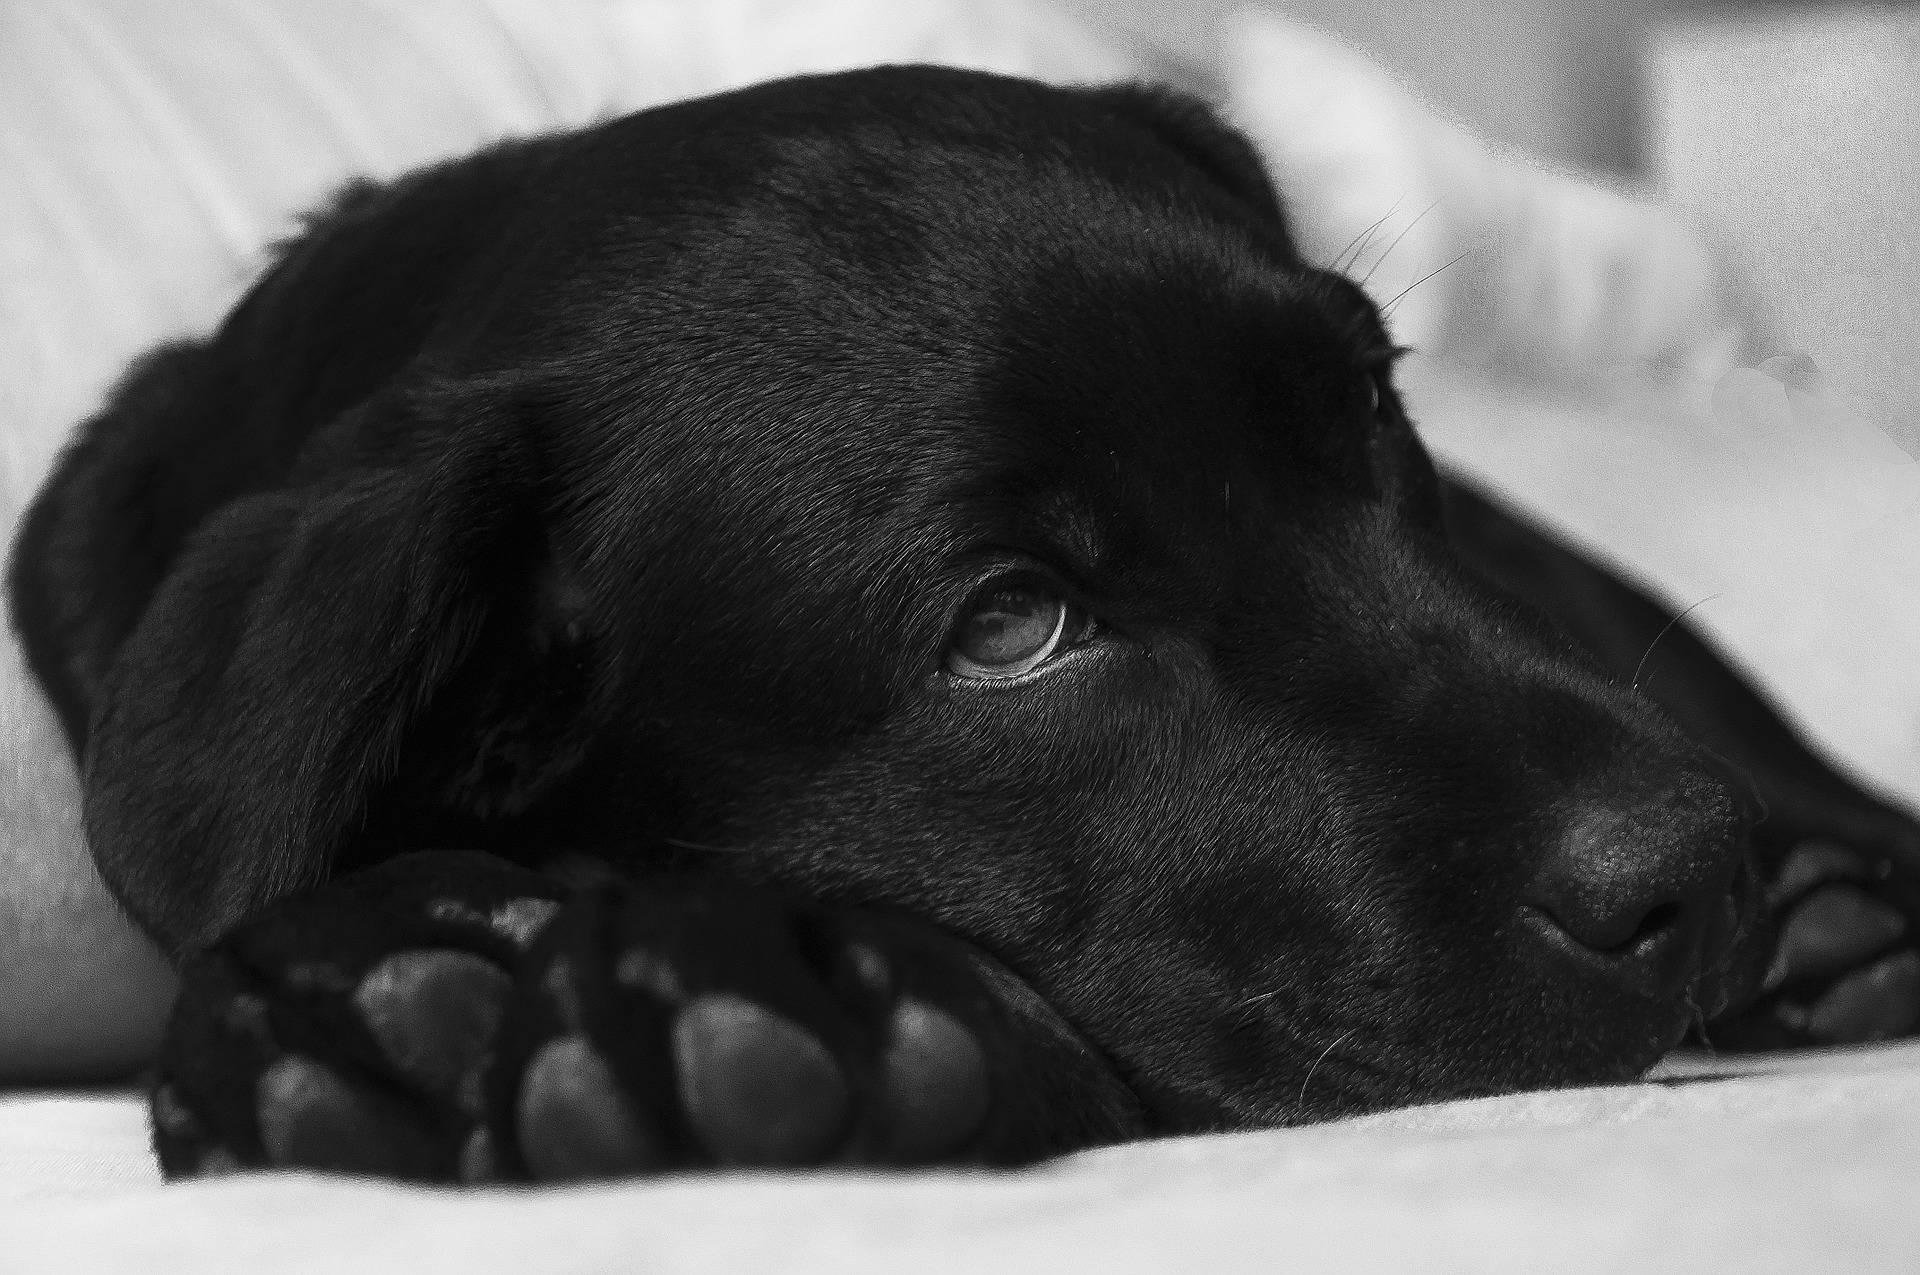 Futtermittelallergie beim Hund